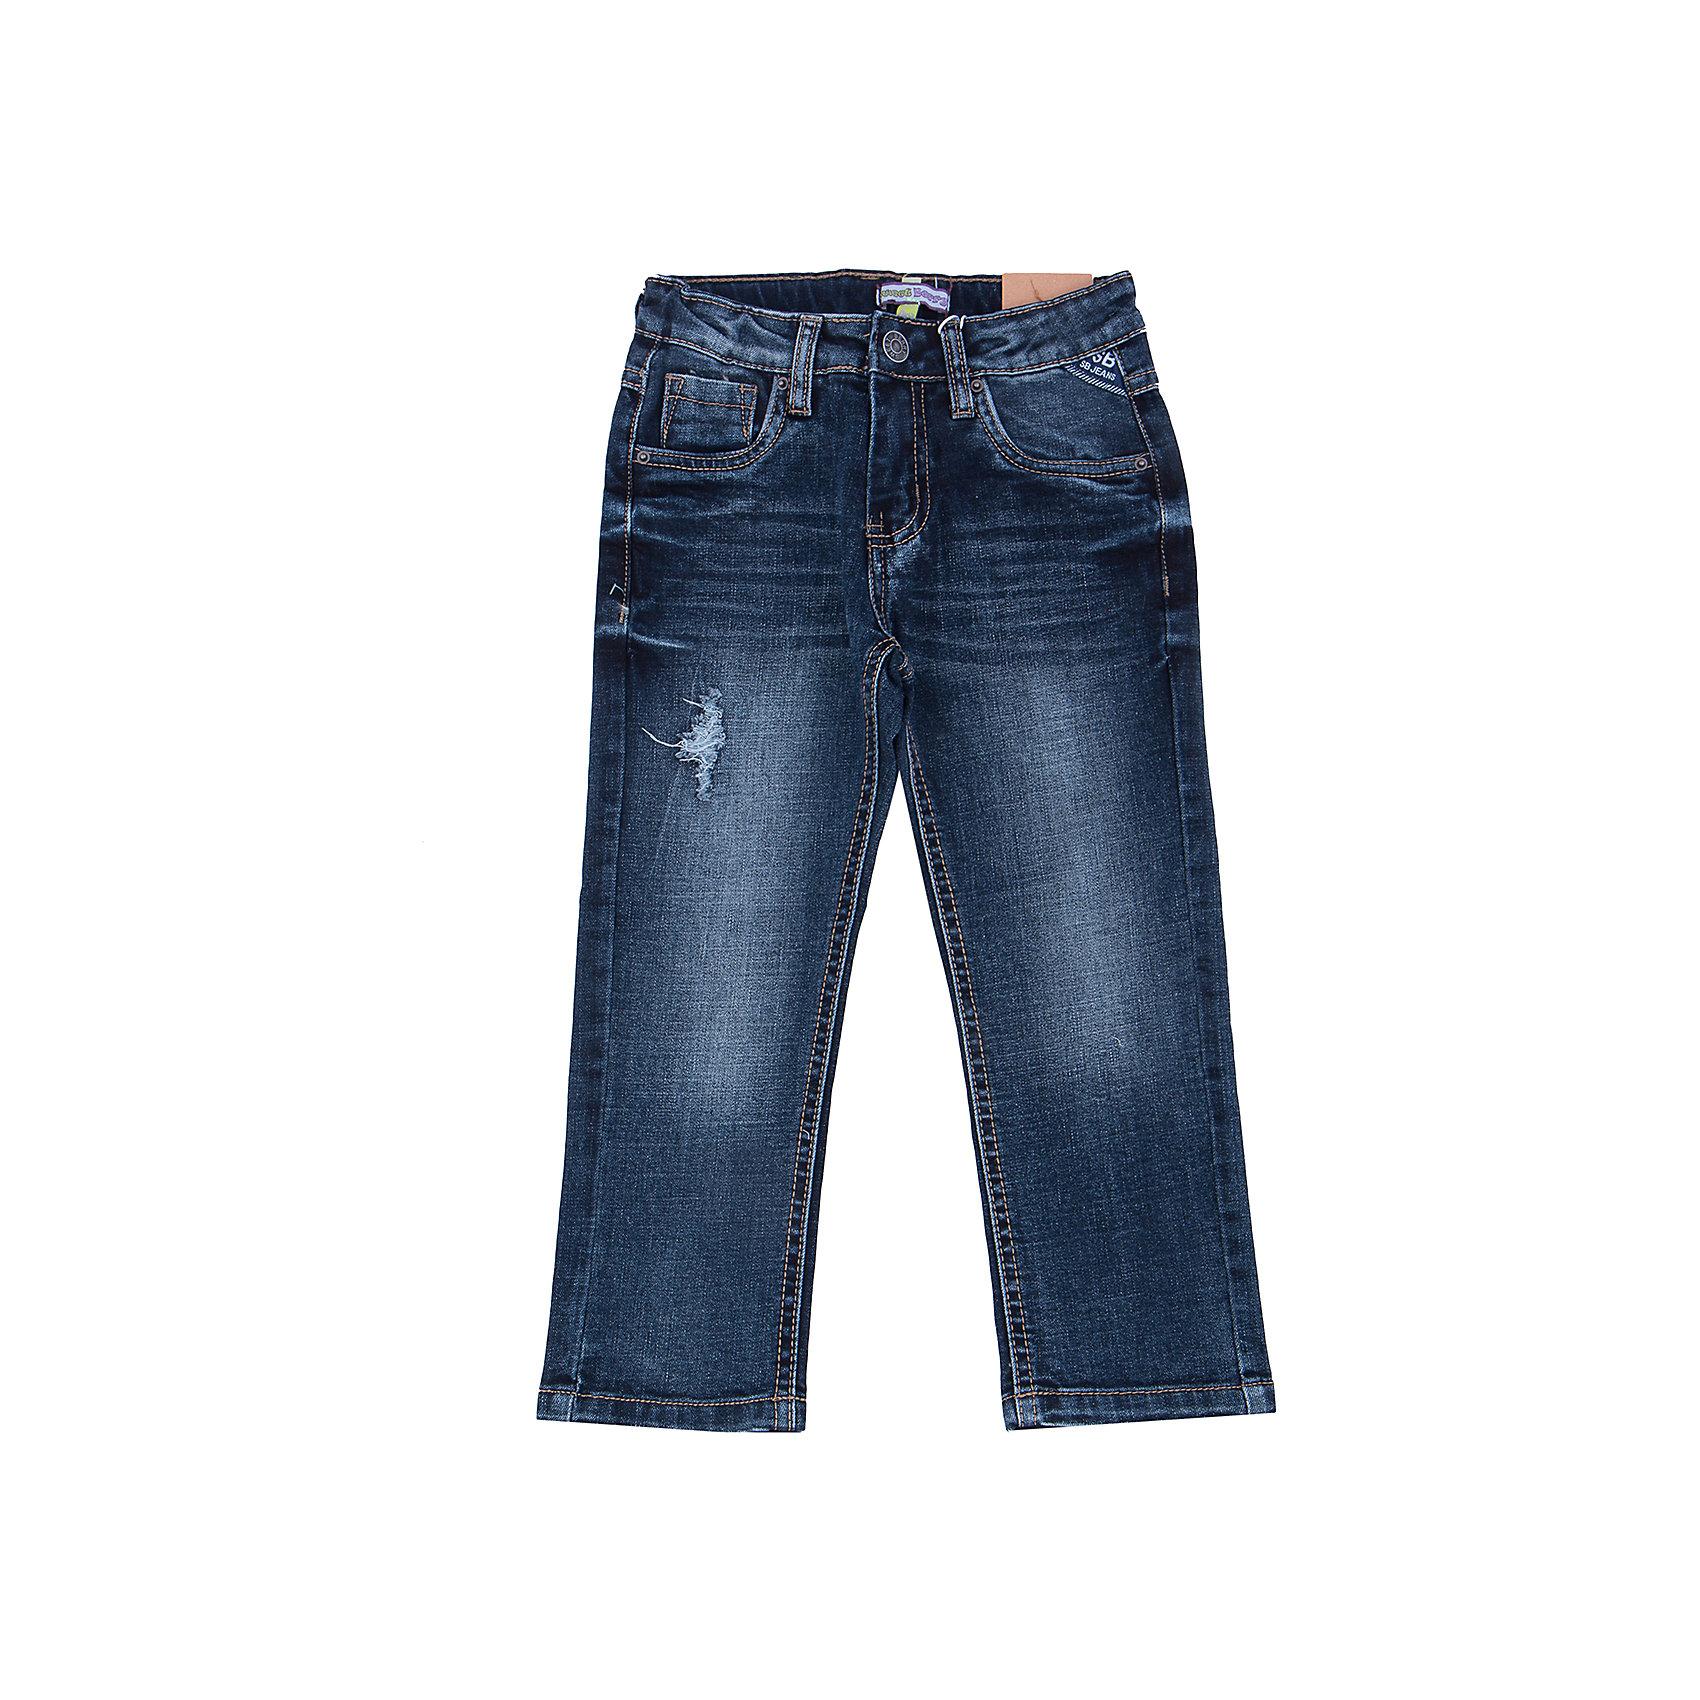 Джинсы для мальчика Sweet BerryТакая модель джинсов для мальчика отличается модным дизайном с контрастной прострочкой. Удачный крой обеспечит ребенку комфорт и тепло.Плотная ткань делает вещь идеальной для прохладной погоды. Она хорошо прилегает к телу там, где нужно, и отлично сидит по фигуре. Джинсы имеют регулировку размера на талии. Натуральный хлопок в составе ткани обеспечит коже возможность дышать и не вызовет аллергии.<br>Одежда от бренда Sweet Berry - это простой и выгодный способ одеть ребенка удобно и стильно. Всё изделия тщательно проработаны: швы - прочные, материал - качественный, фурнитура - подобранная специально для детей. <br><br>Дополнительная информация:<br><br>цвет: синий;<br>имитация потертостей;<br>материал: 98% хлопок, 2% эластан;<br>внутри на поясе - регулировка размера.<br><br>Джинсы для мальчика от бренда Sweet Berry можно купить в нашем интернет-магазине.<br><br>Ширина мм: 215<br>Глубина мм: 88<br>Высота мм: 191<br>Вес г: 336<br>Цвет: синий<br>Возраст от месяцев: 24<br>Возраст до месяцев: 36<br>Пол: Мужской<br>Возраст: Детский<br>Размер: 98,104,110,116,122,128<br>SKU: 4930494